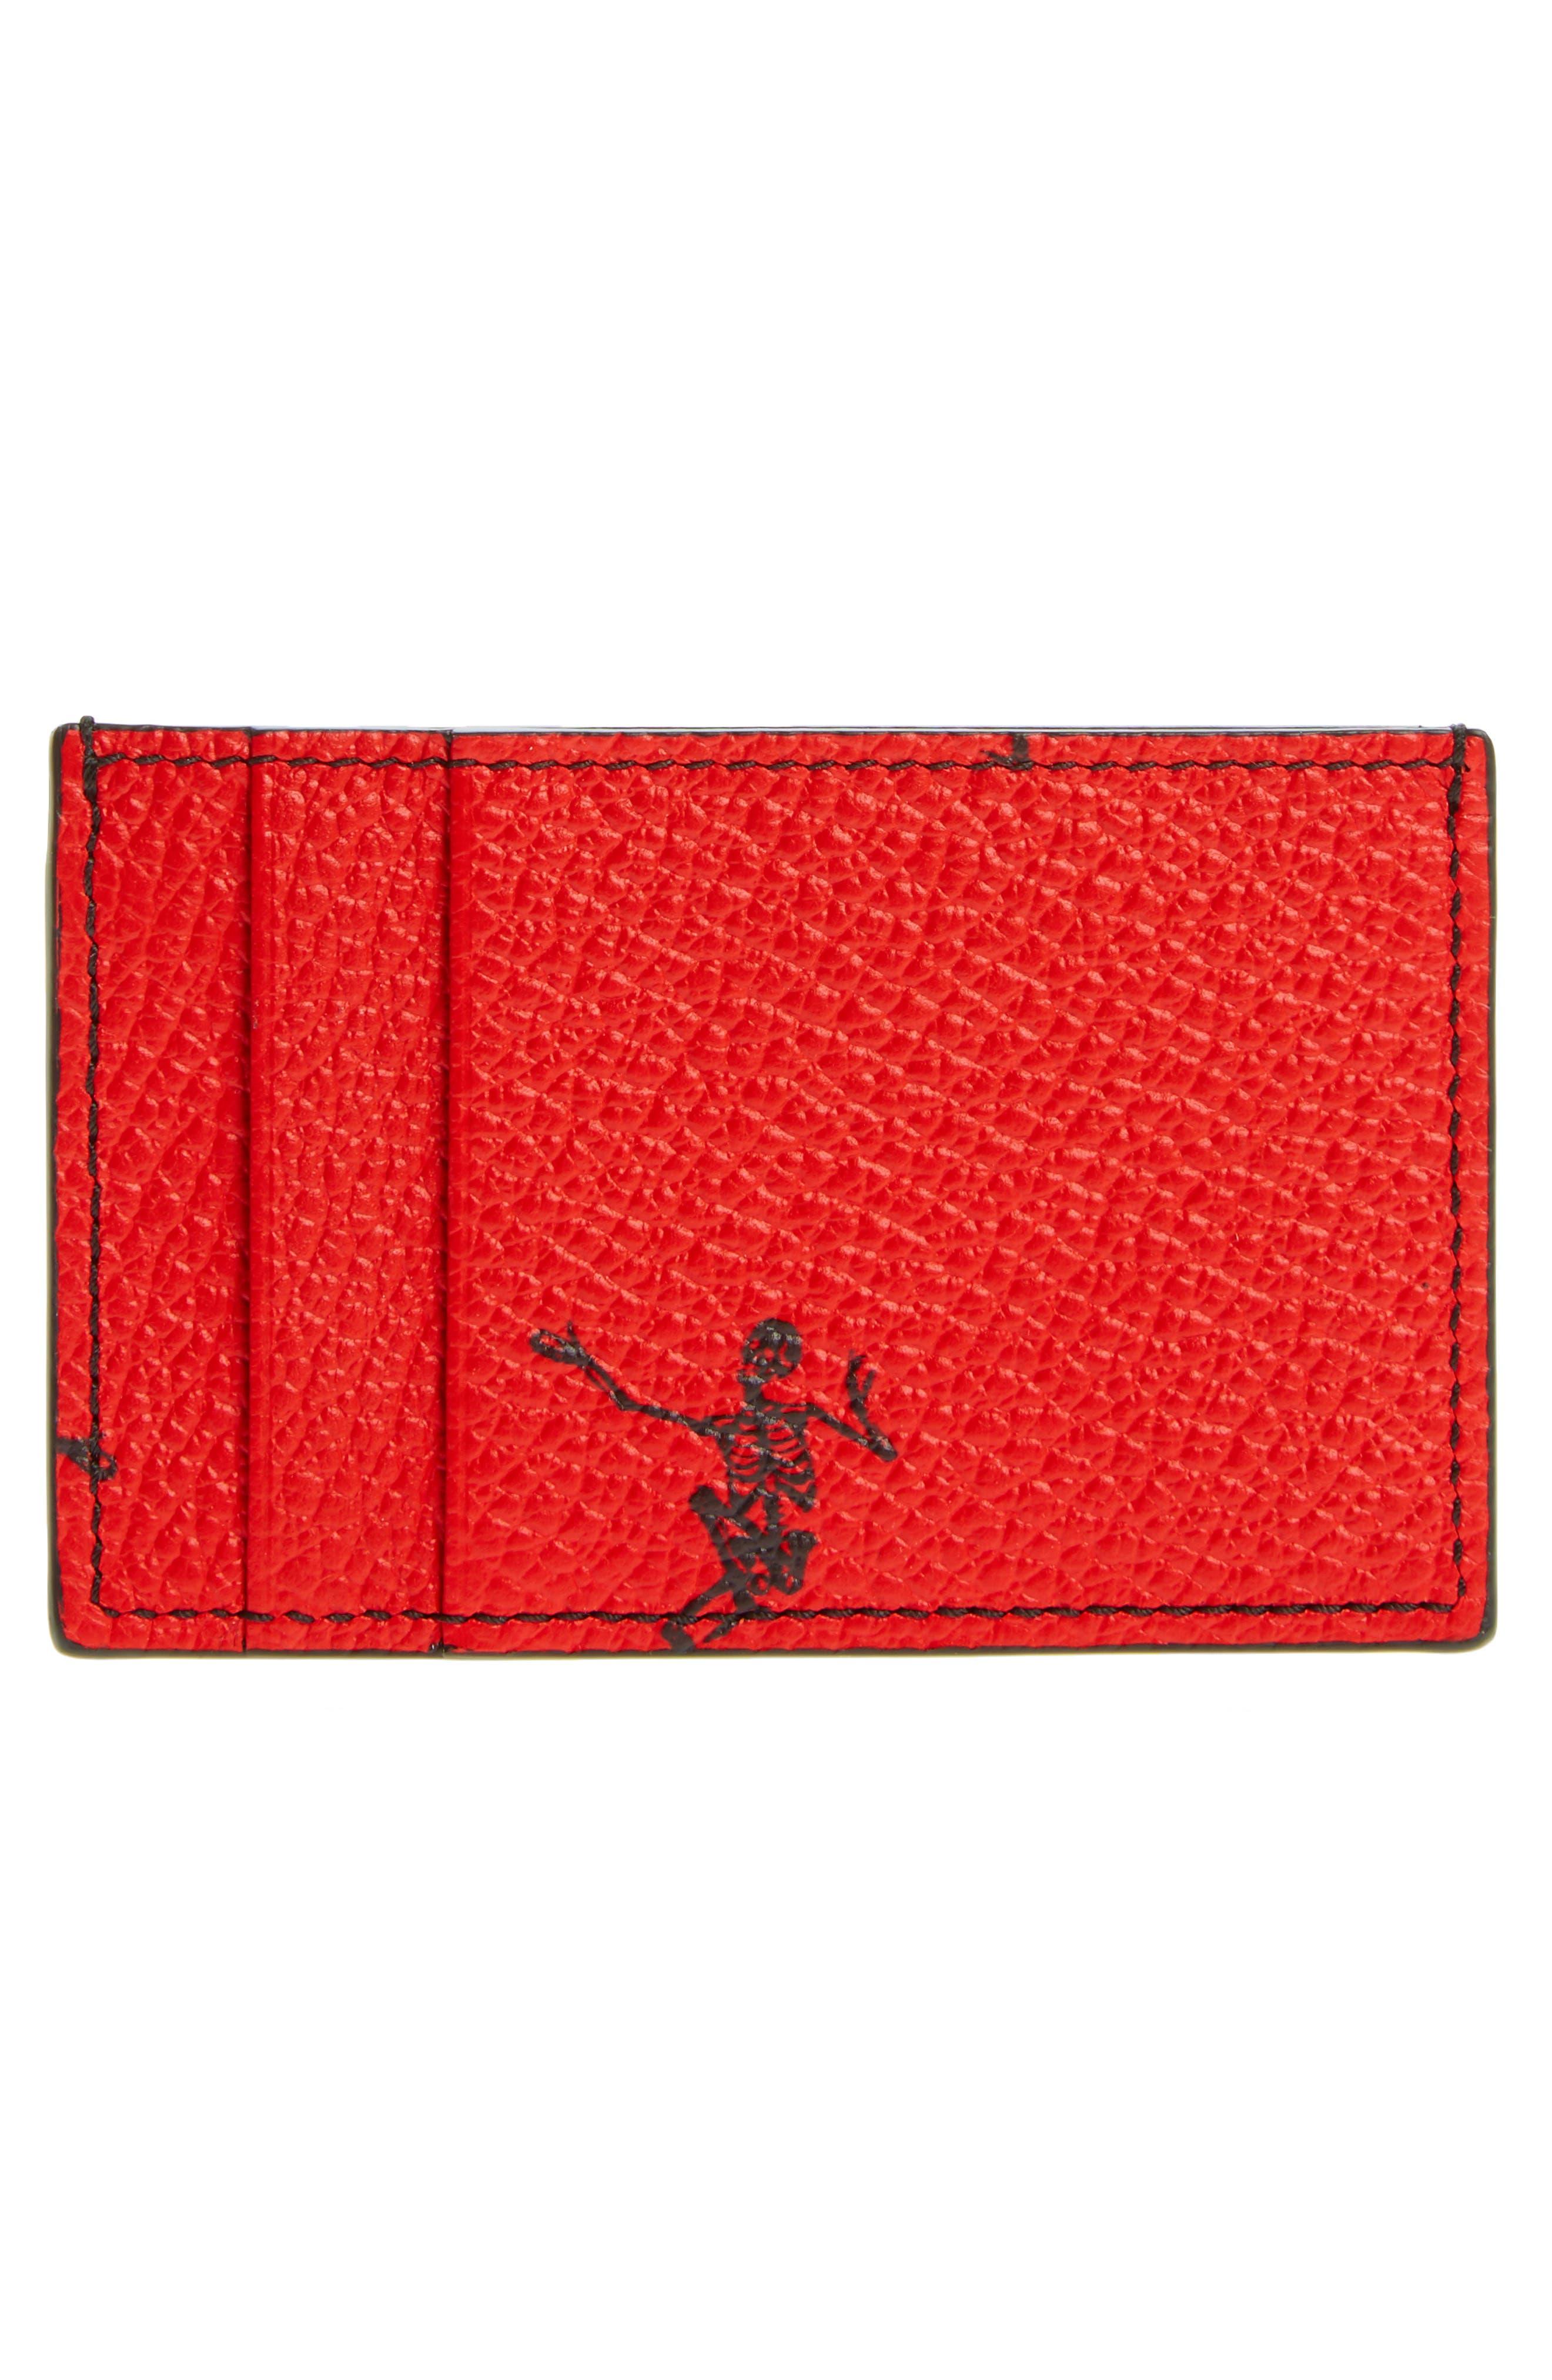 Dancing Skeleton Card Case,                             Alternate thumbnail 2, color,                             Scarlet Red/ Black